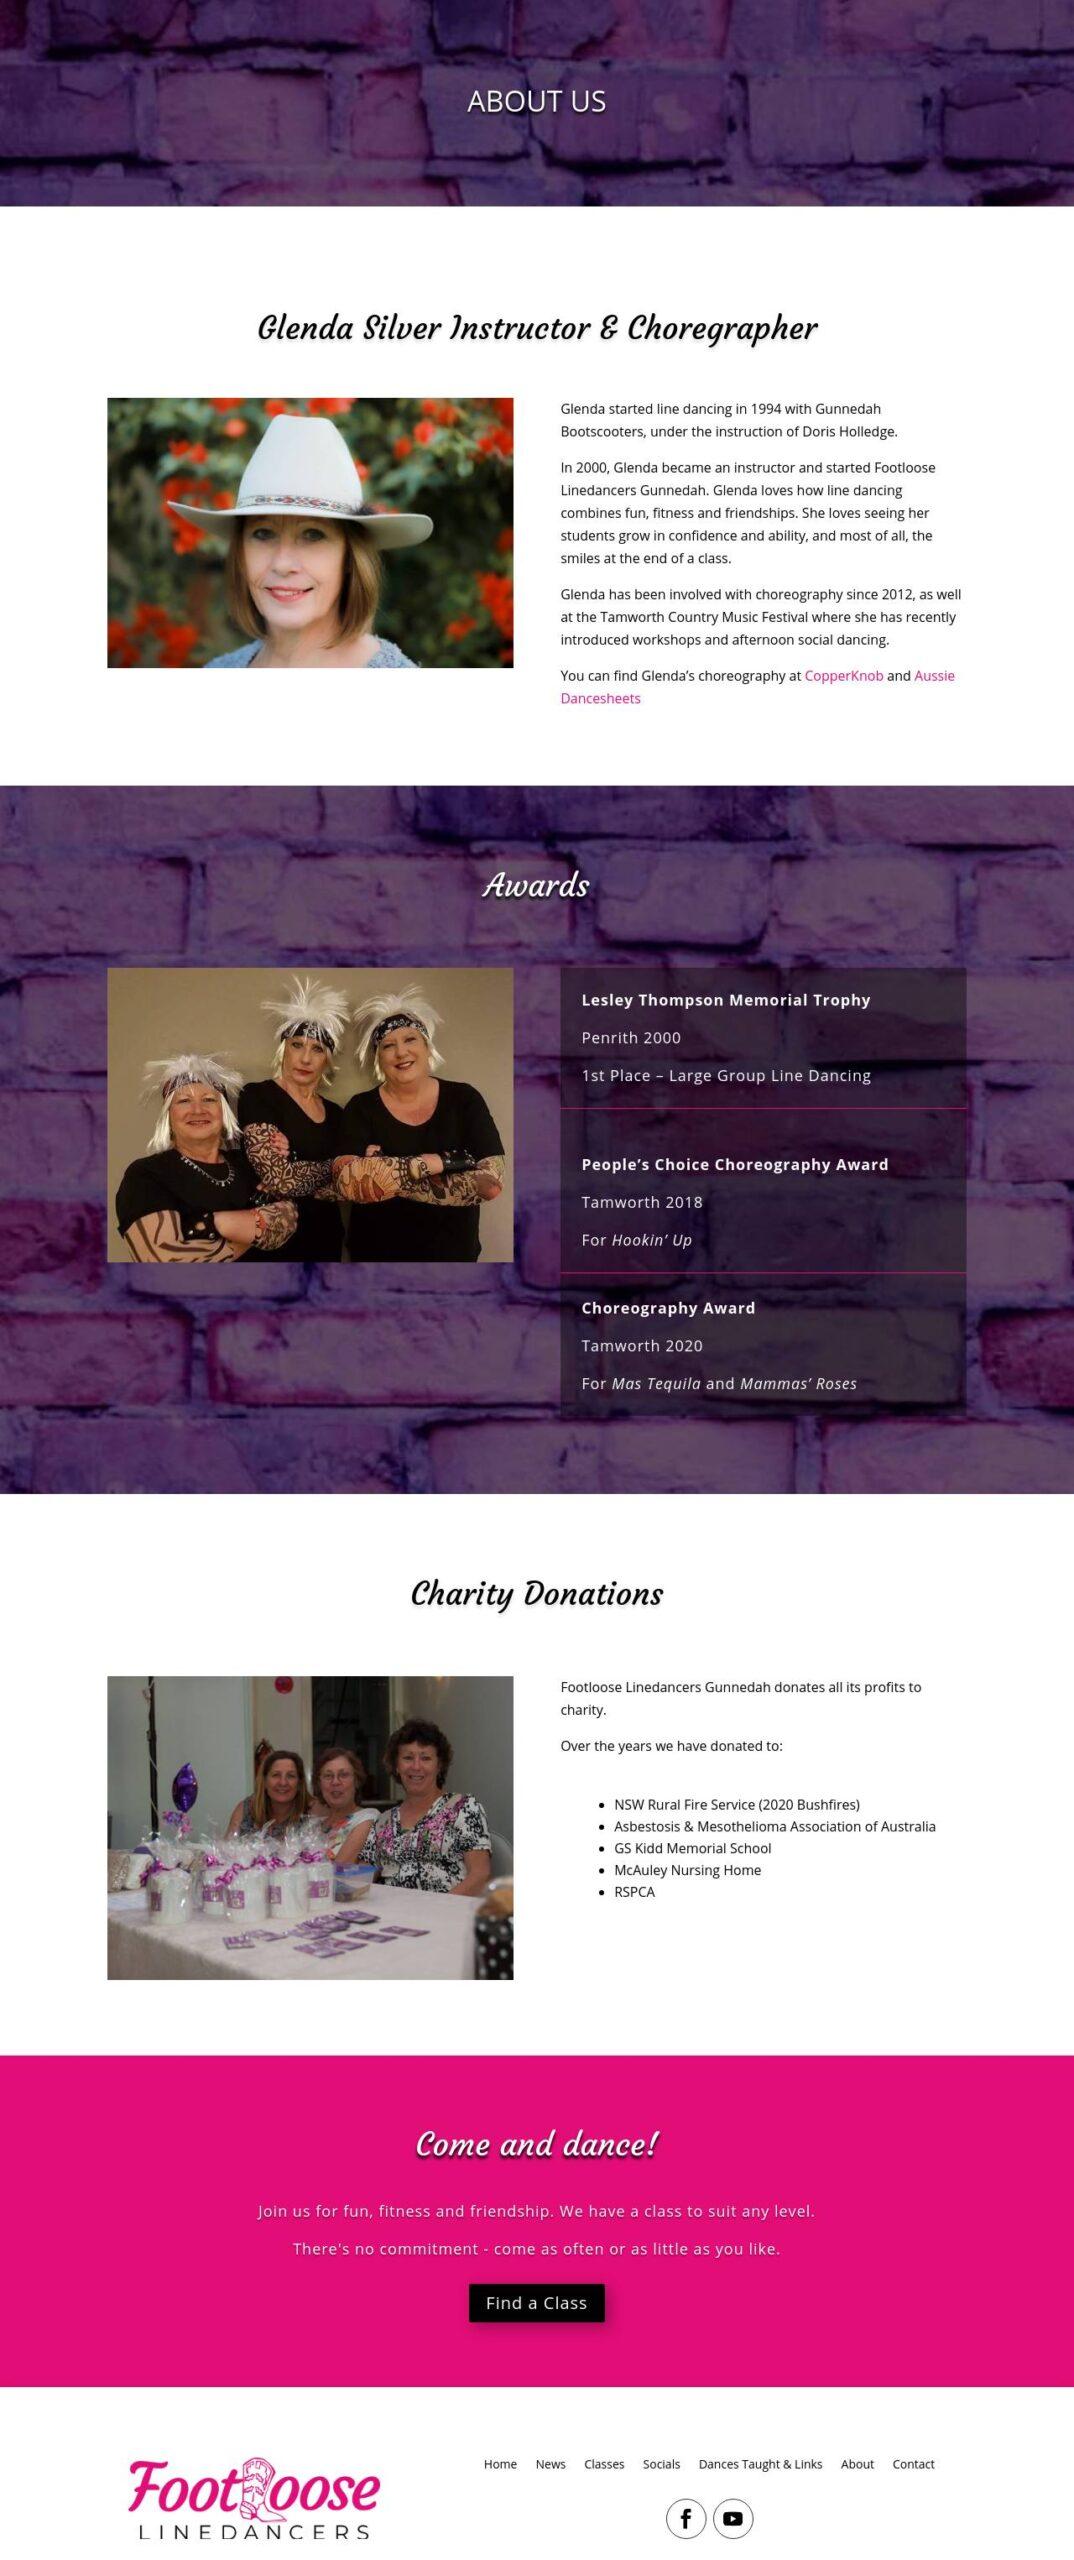 Footloose Linedancers Gunnedah Webpage Design